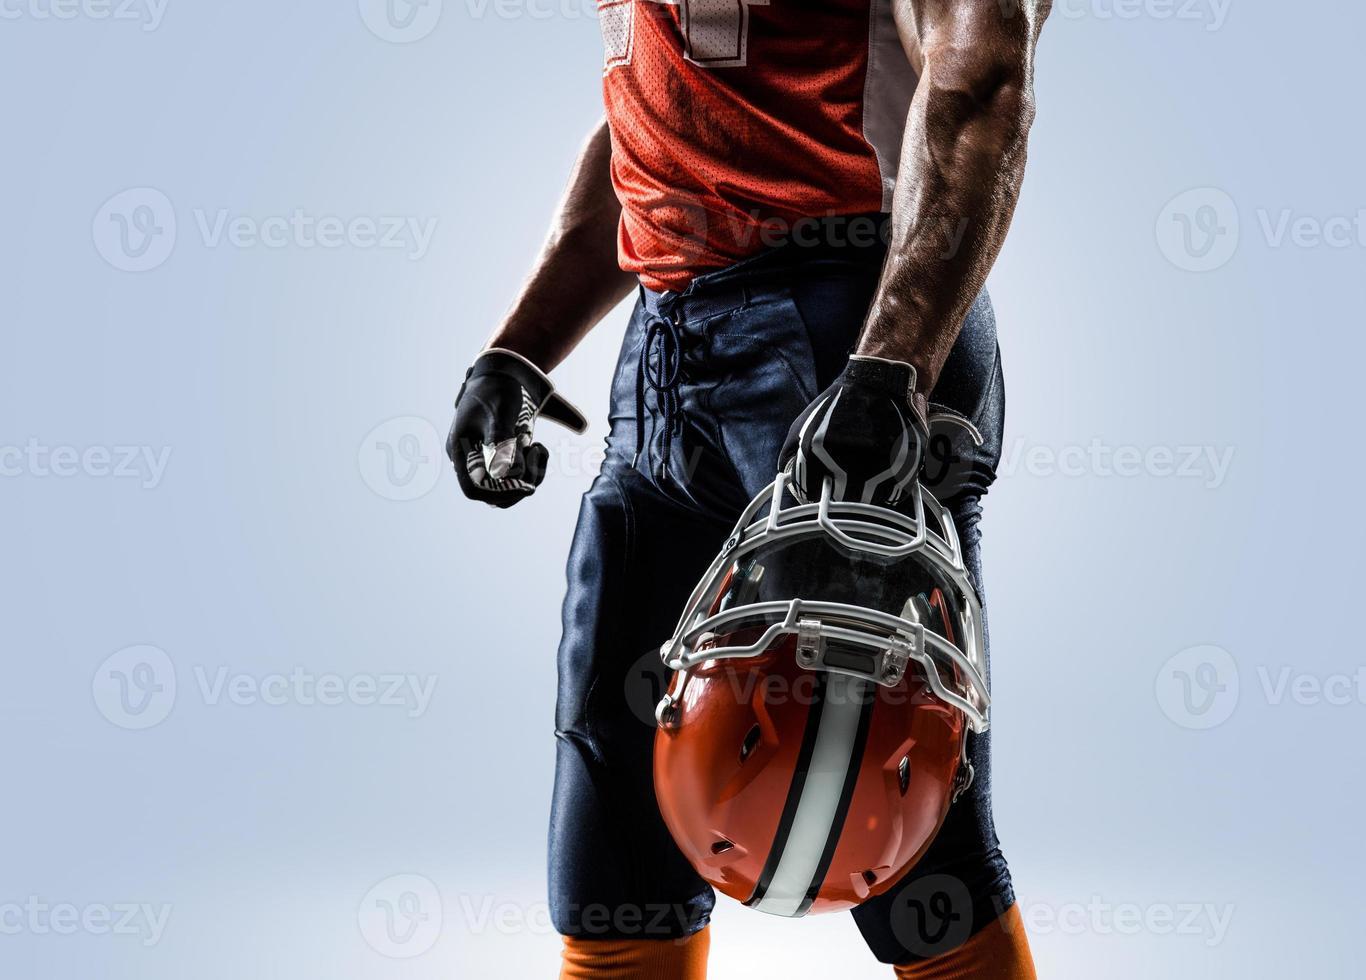 giocatore di football americano nel bianco di azione isolato foto